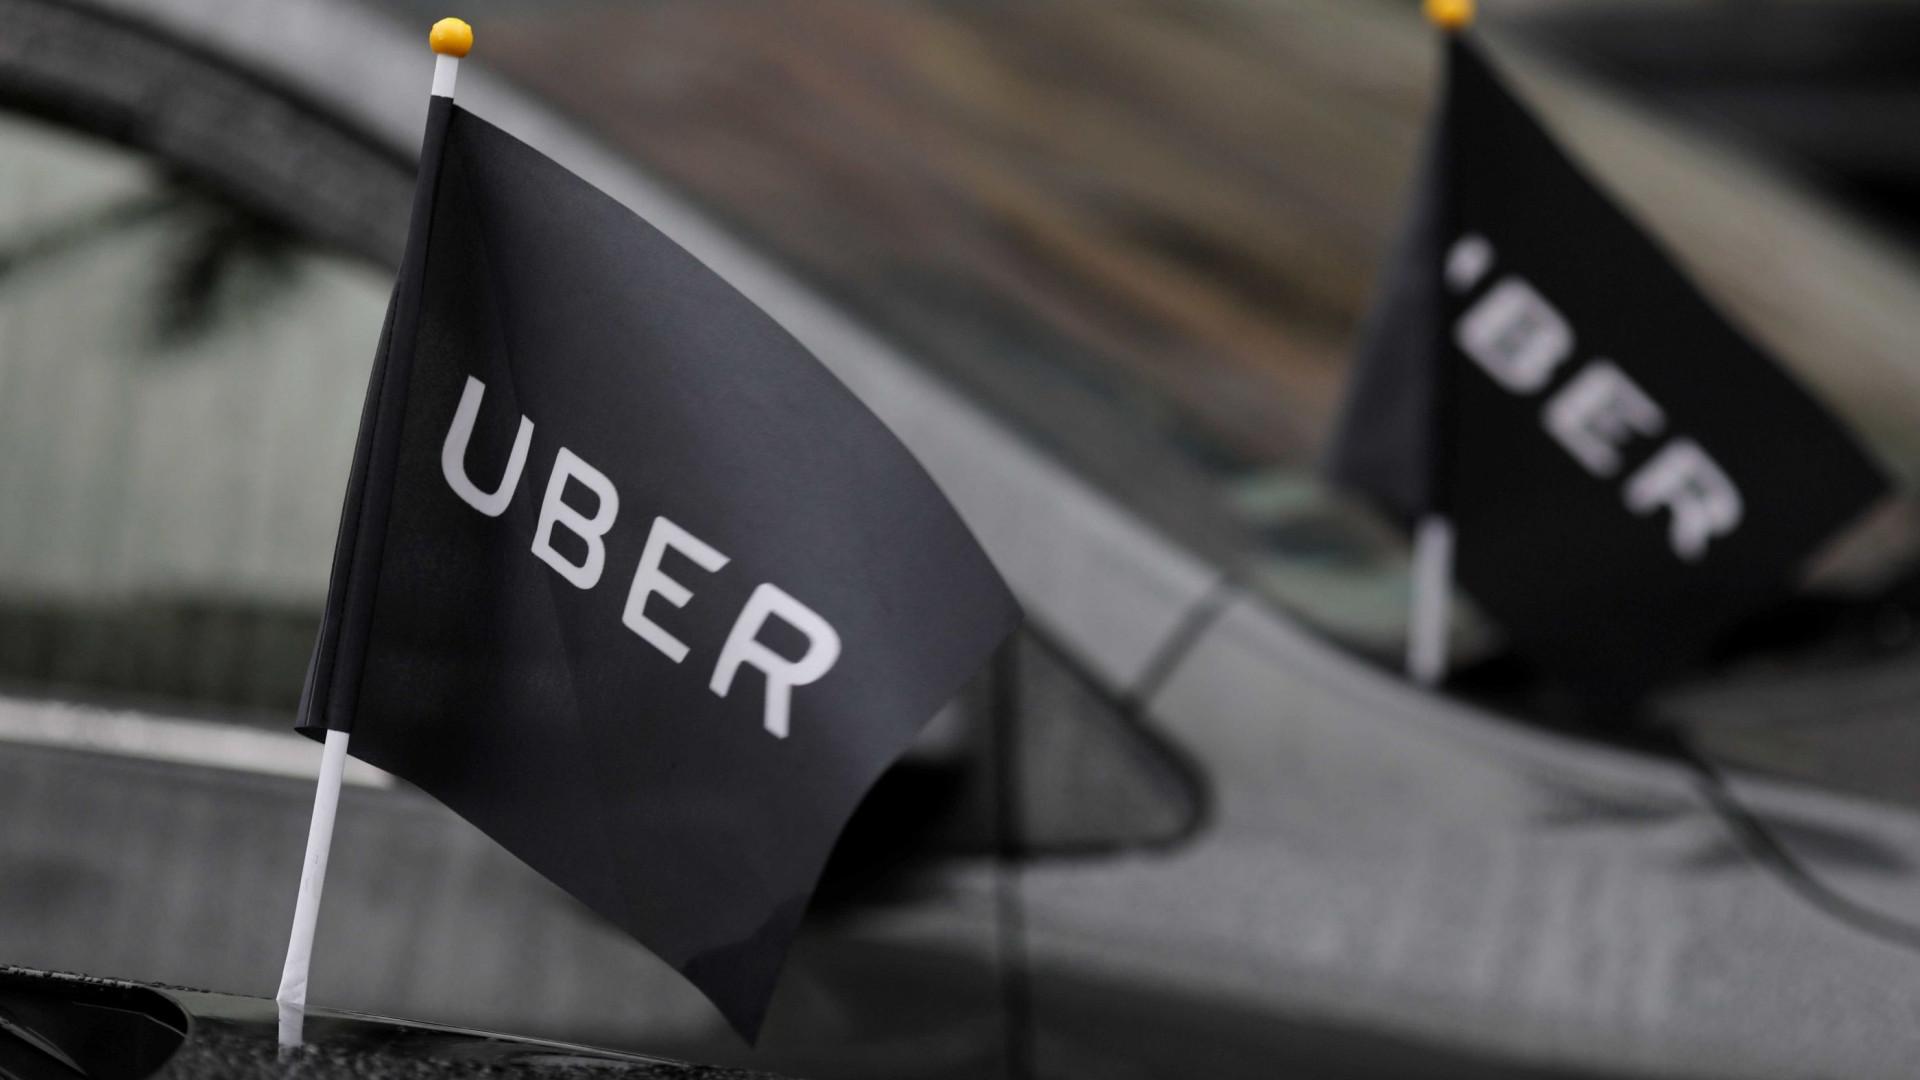 Uber recorre a novo app para conquistar mercados emergentes